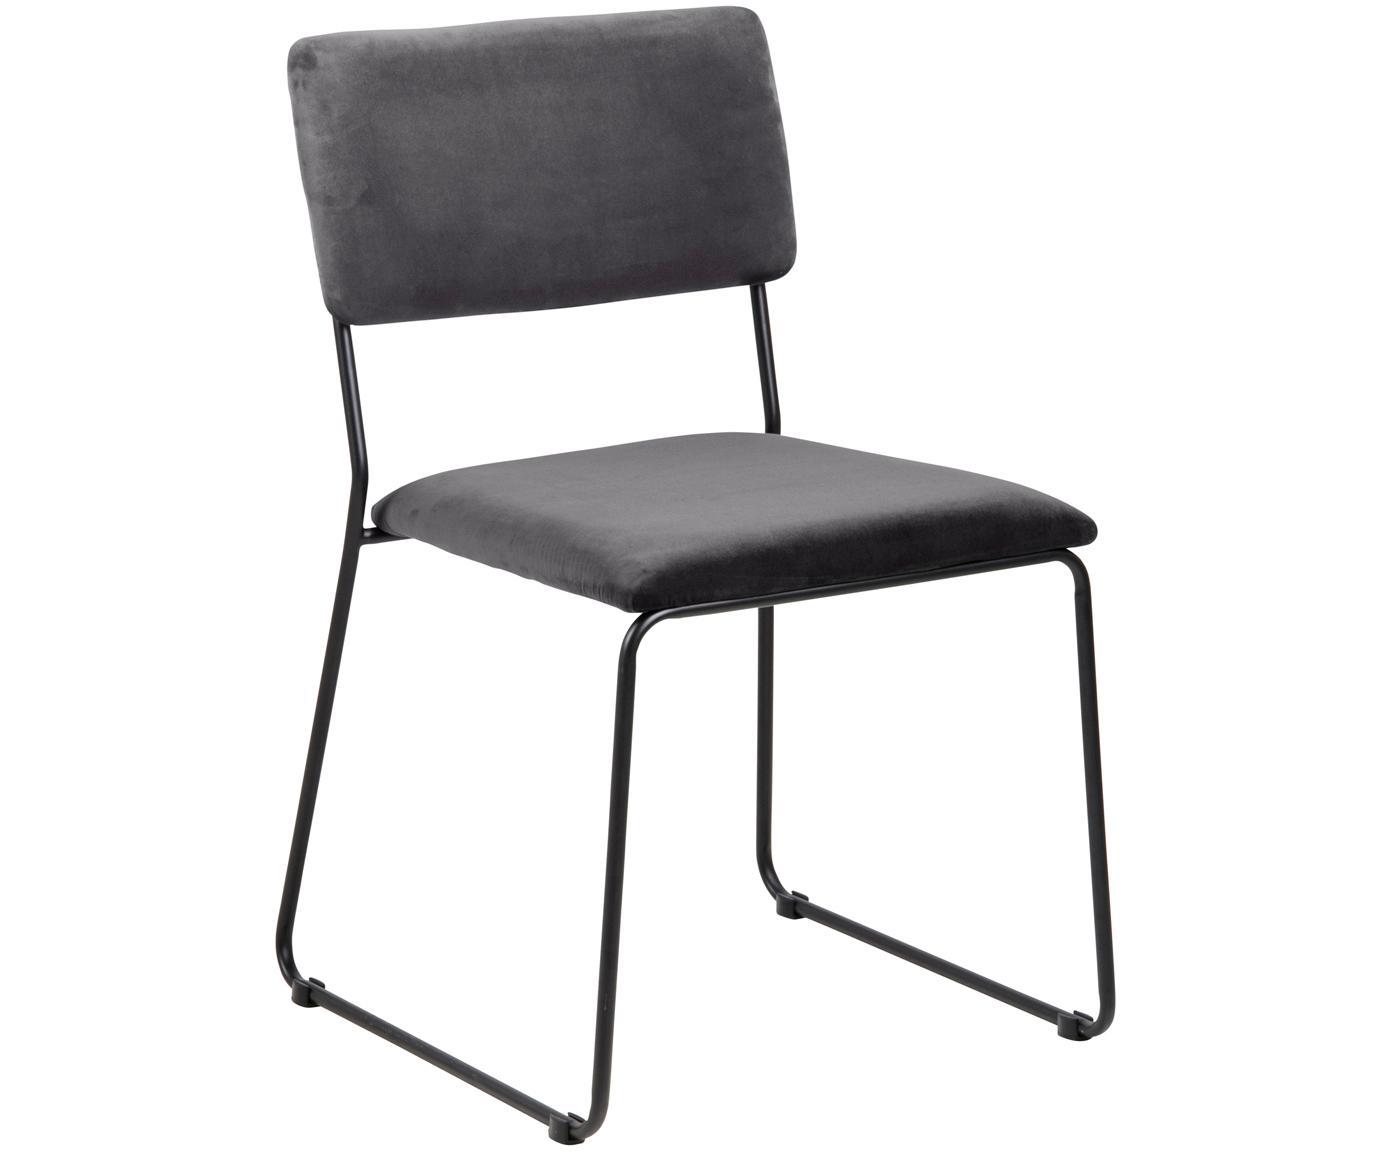 Fluwelen stoelen Cornelia, 2 stuks, Bekleding: polyester fluweel, Poten: gelakt metaal, Donkergrijs, zwart, B 50 x D 54 cm